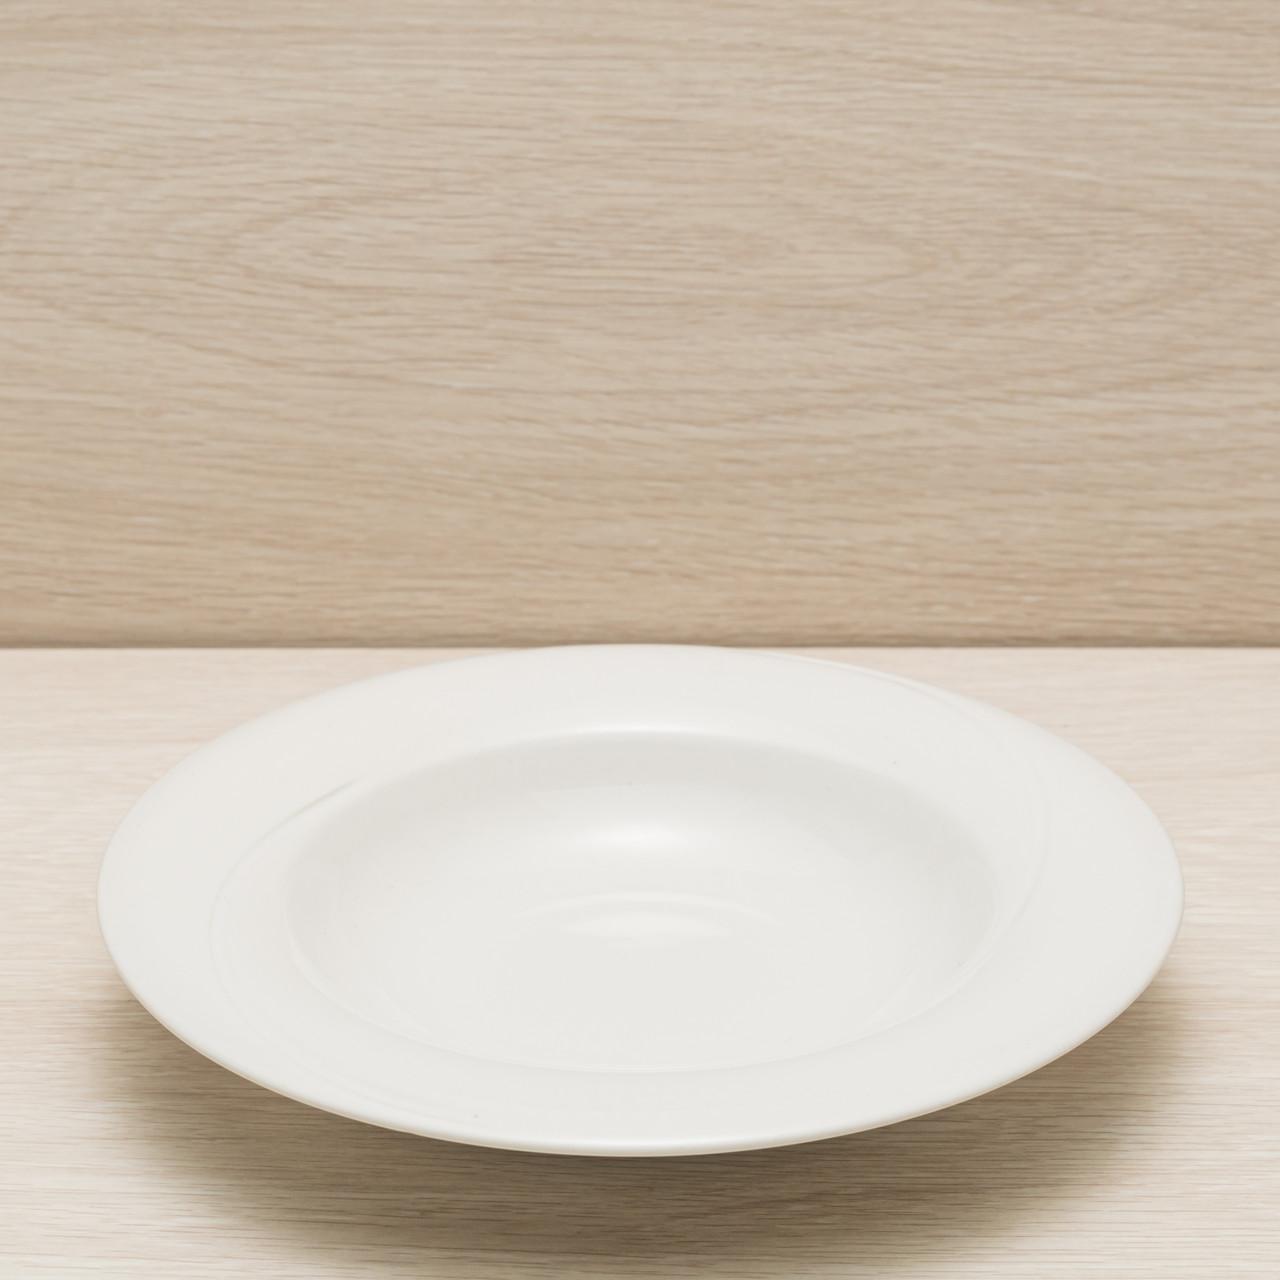 Тарелка для пасты диаметр 24 см белый, глянцевый